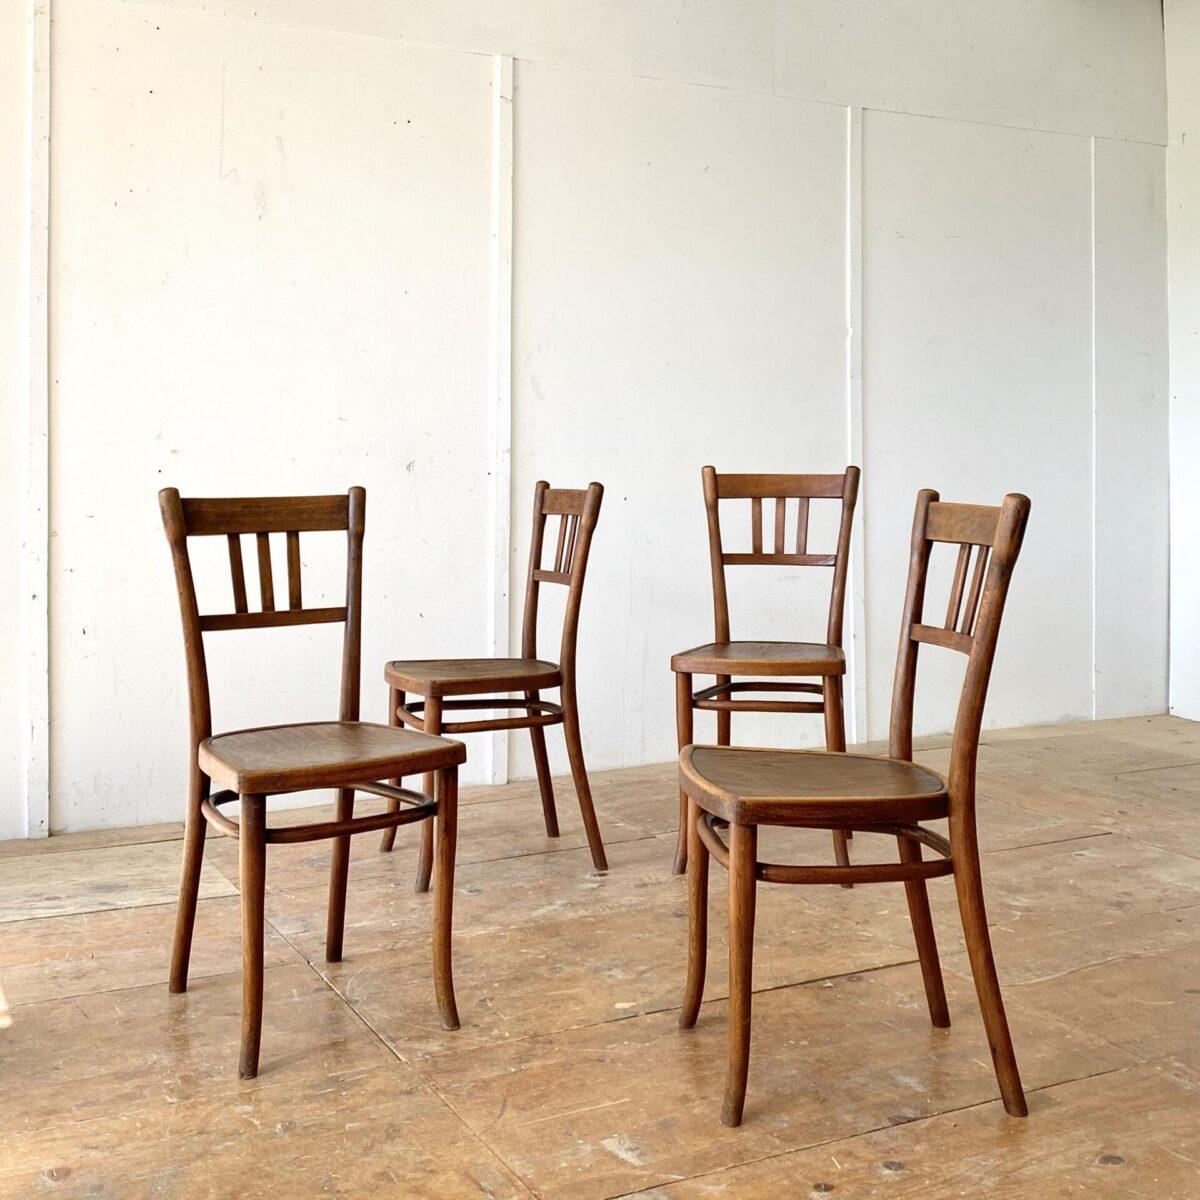 Deuxieme.shop Thonet Stühle Wienerstühle Bugholz Stühle designklassiker. 4er Set dunkelbraune Bistrostühle von Thonet. Die Stühle haben eine warm-matte Alterspatina und sind in stabilem Zustand.